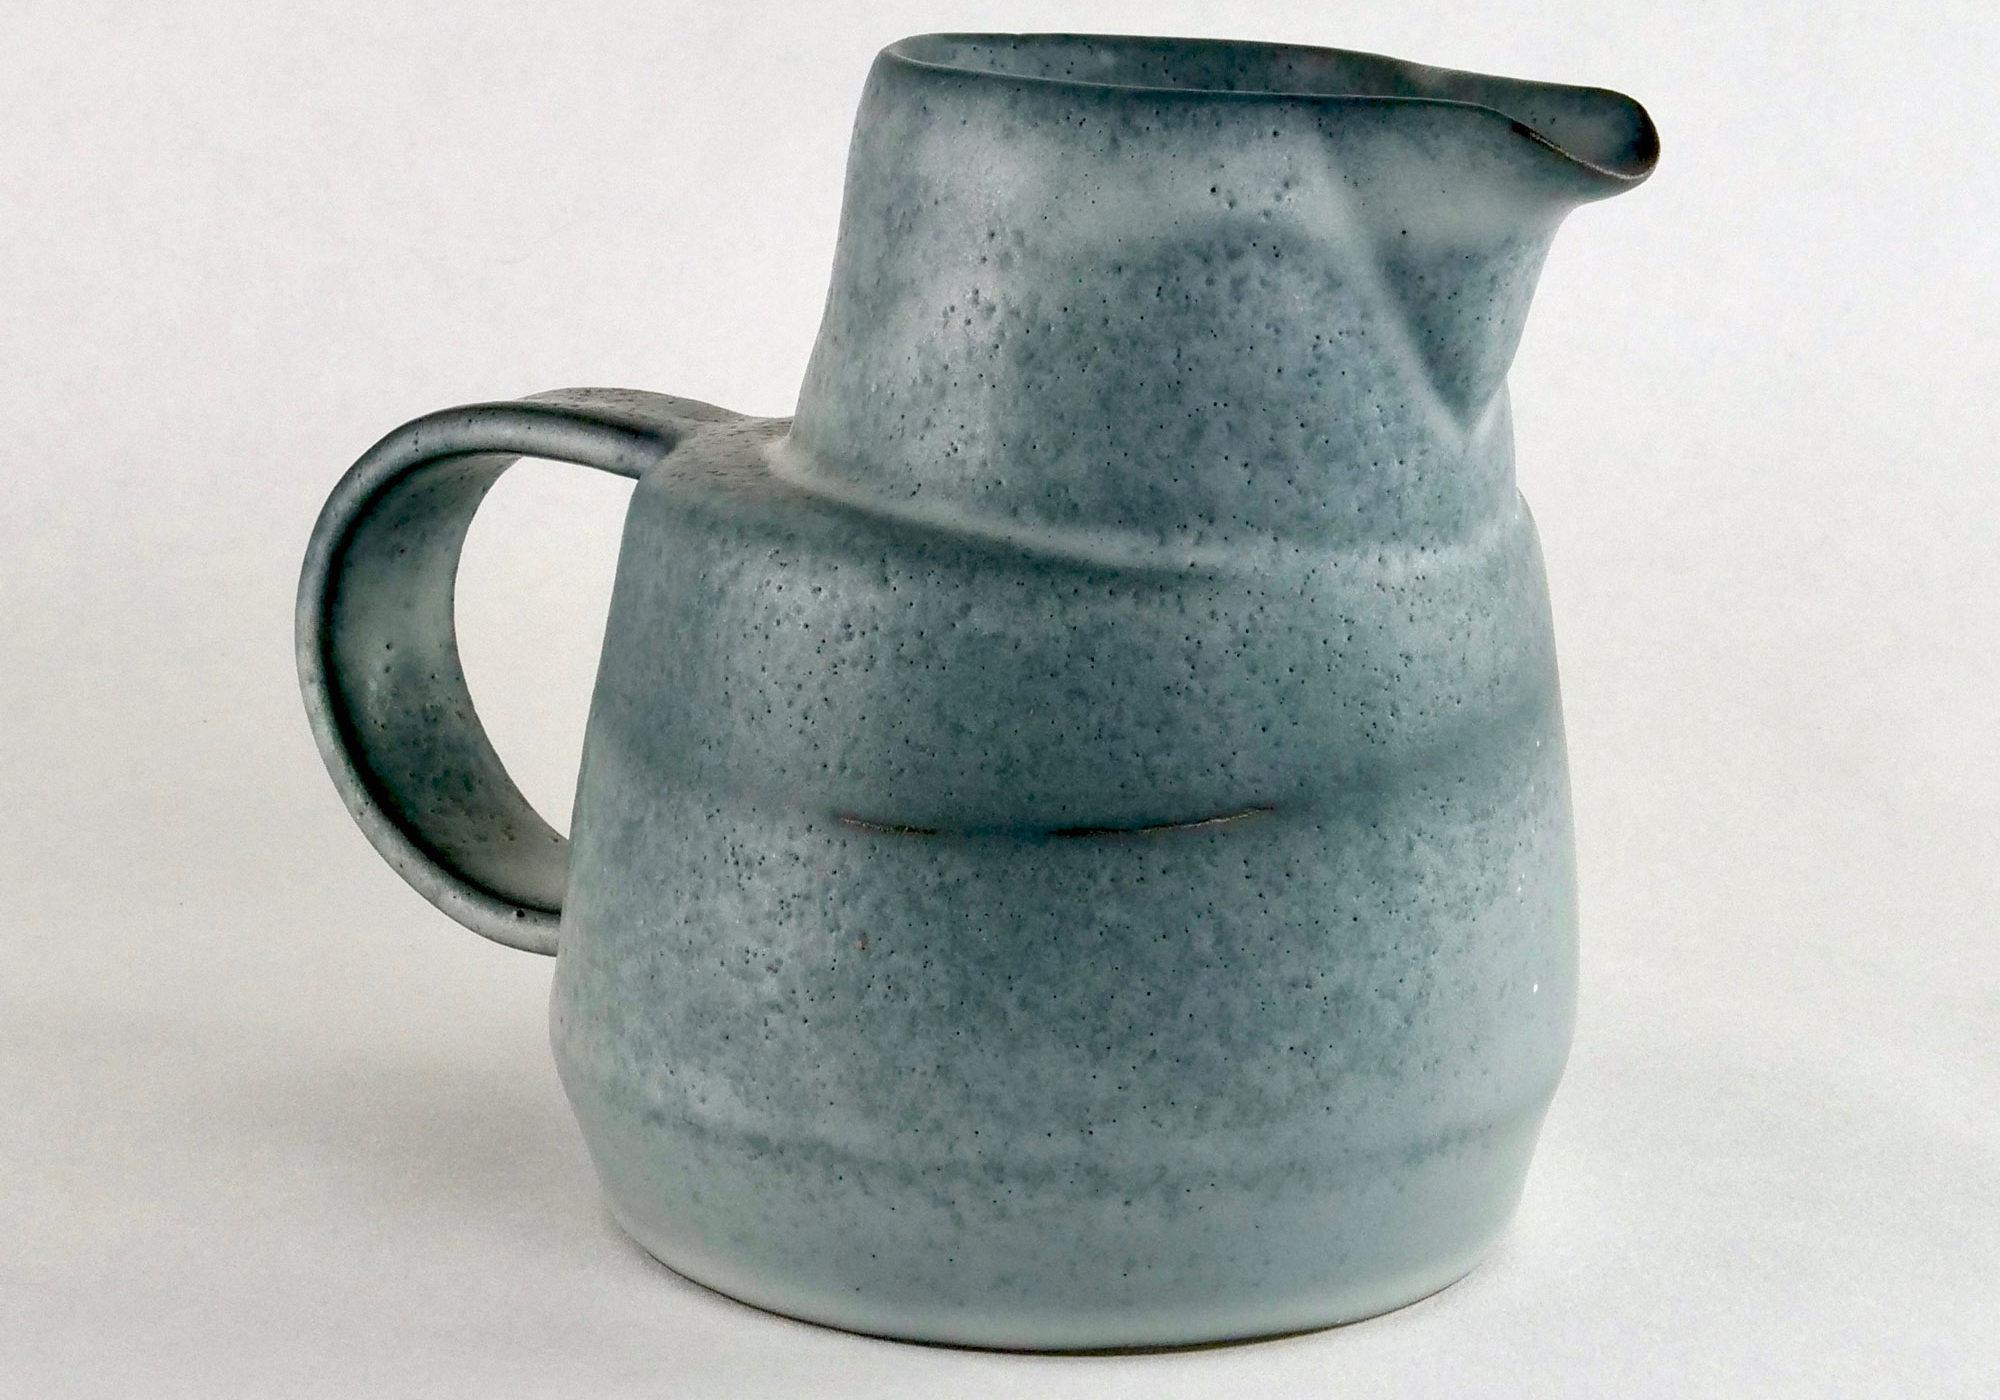 05.pichet-aline-lafollie-ceramique-poterie